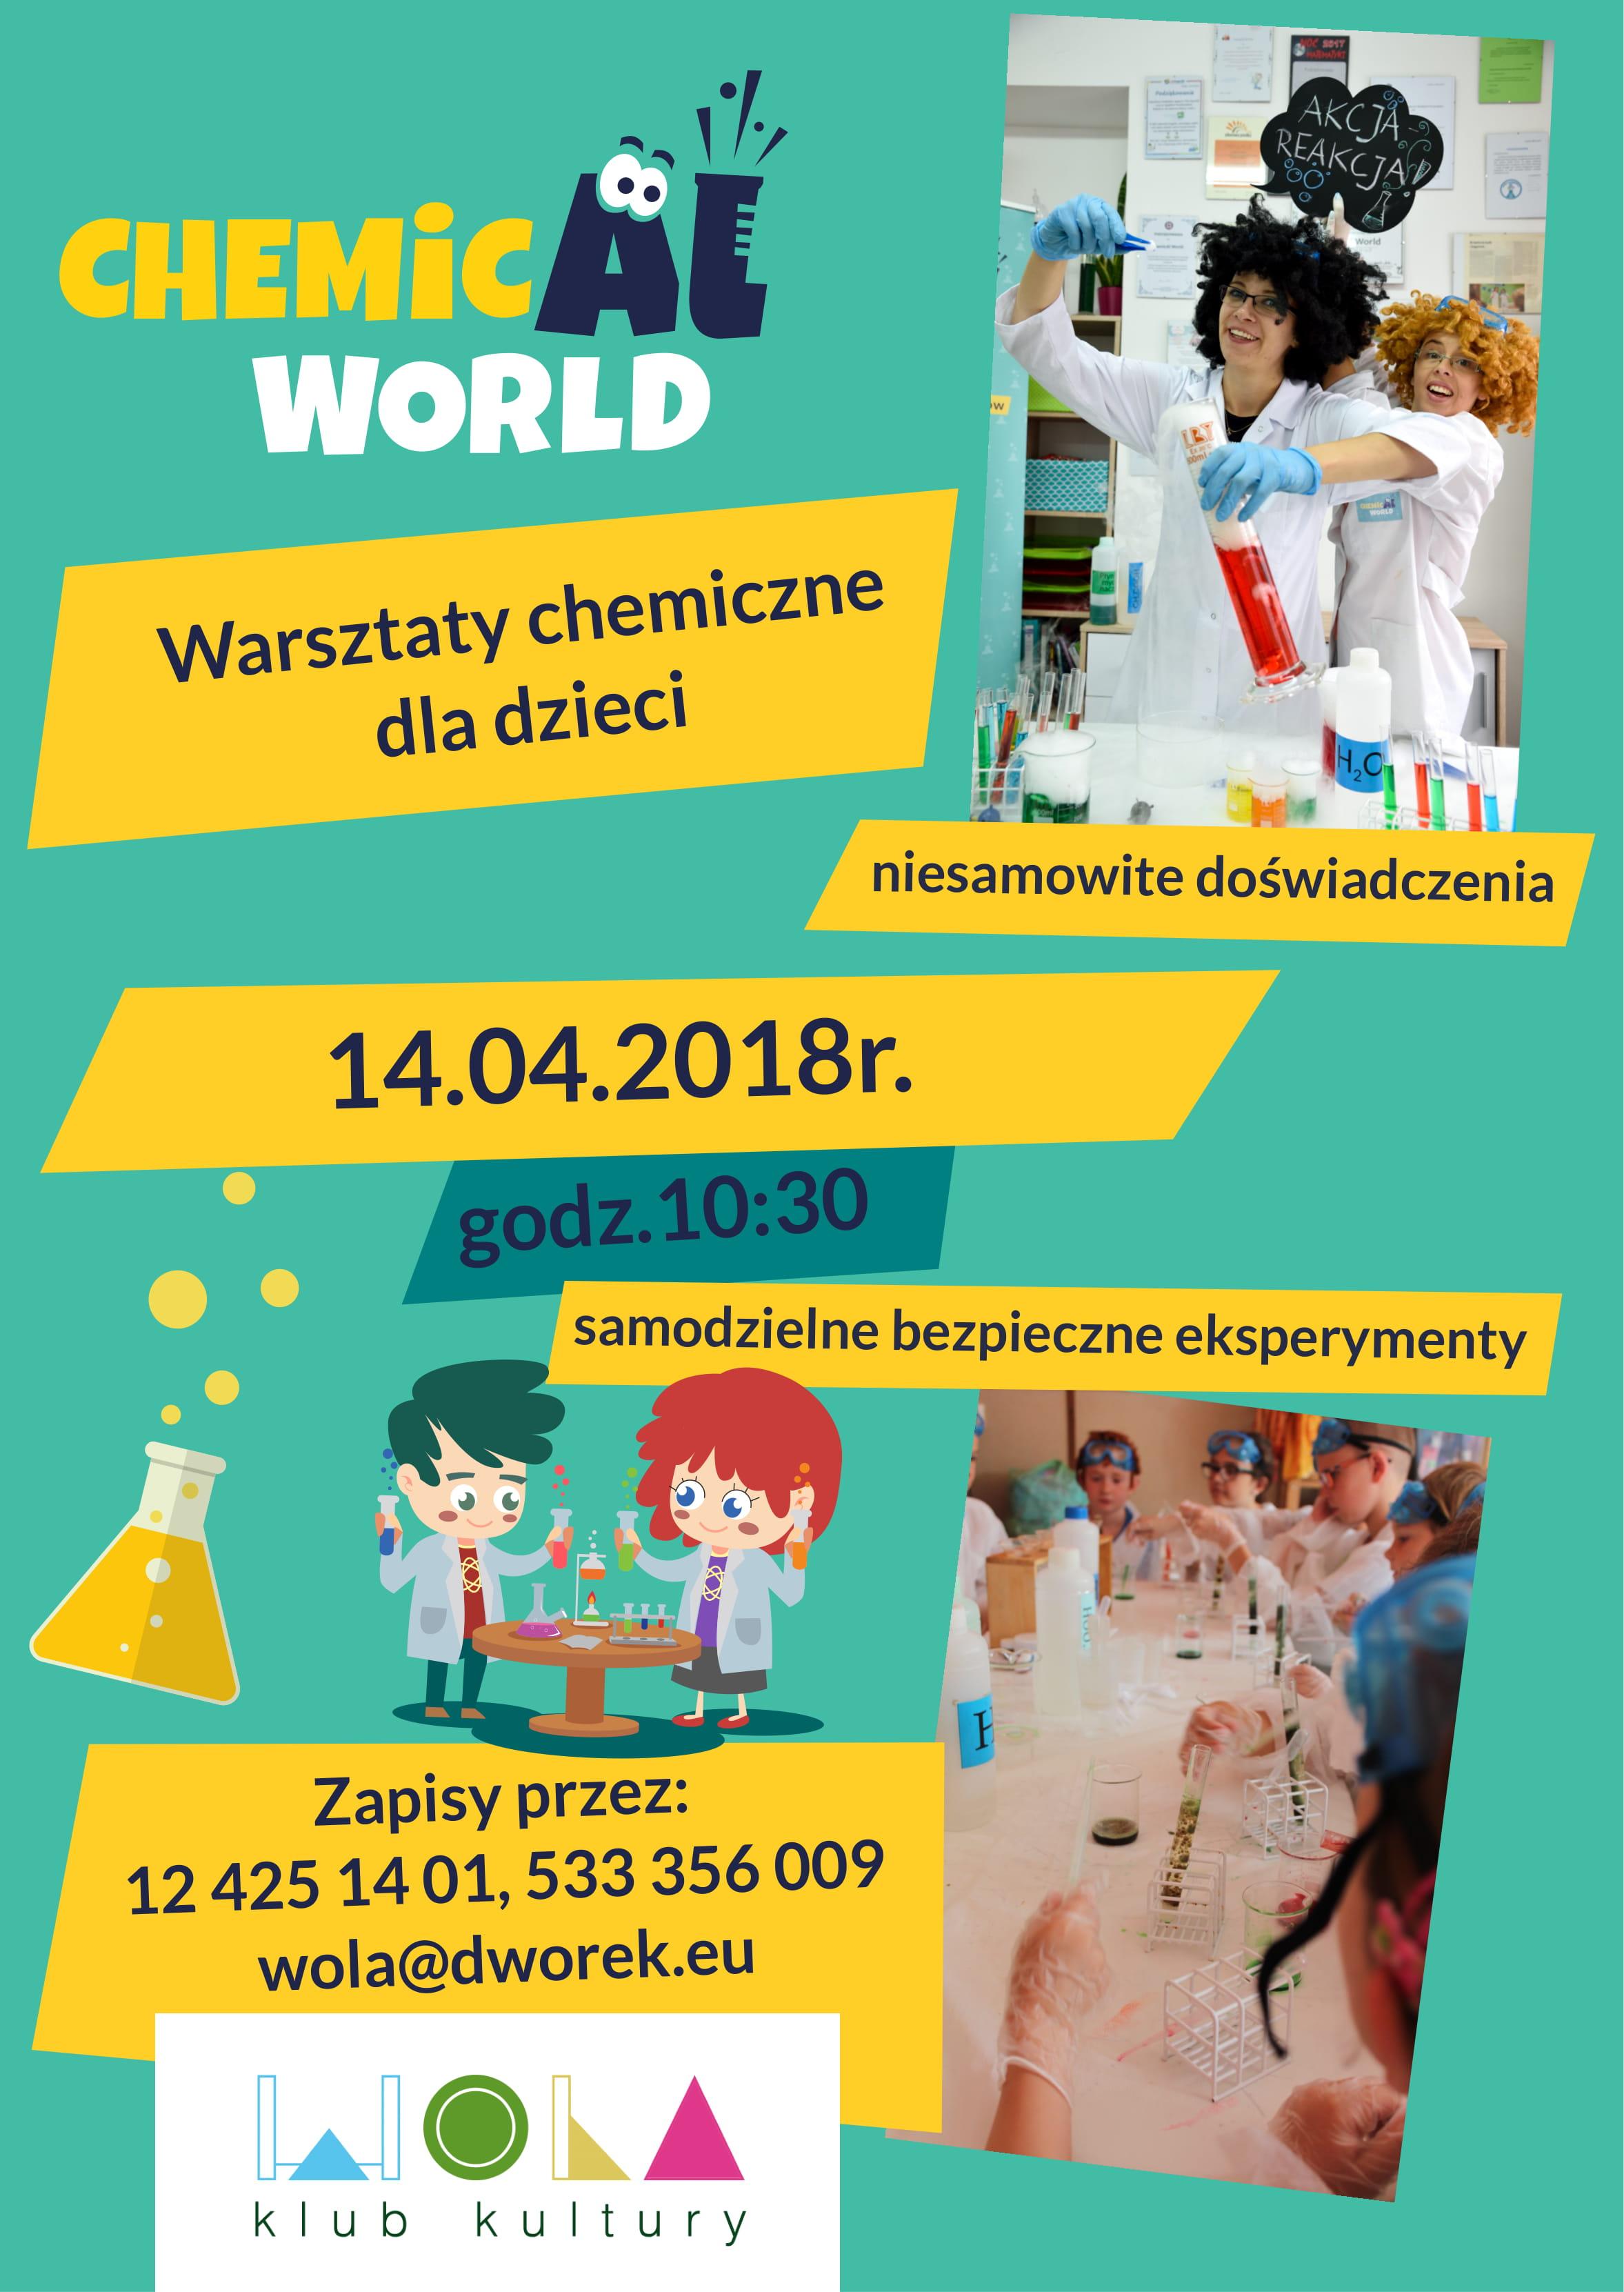 Warsztaty chemiczne 04.2018